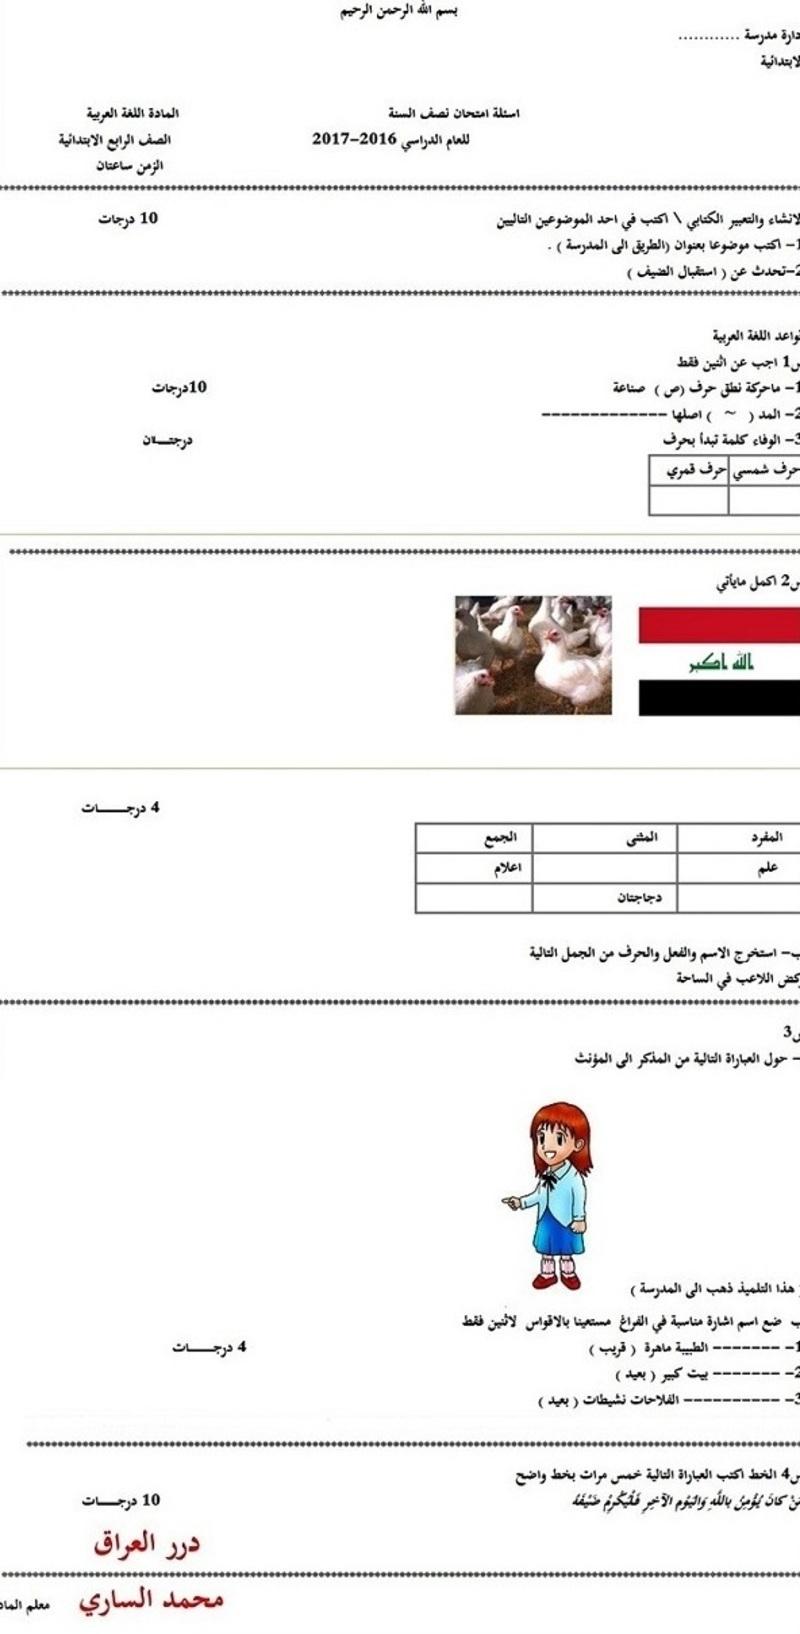 نموذج اسئلة اللغة العربية لنصف السنة الصف الرابع الابتدائي 2016/2017 43671_12